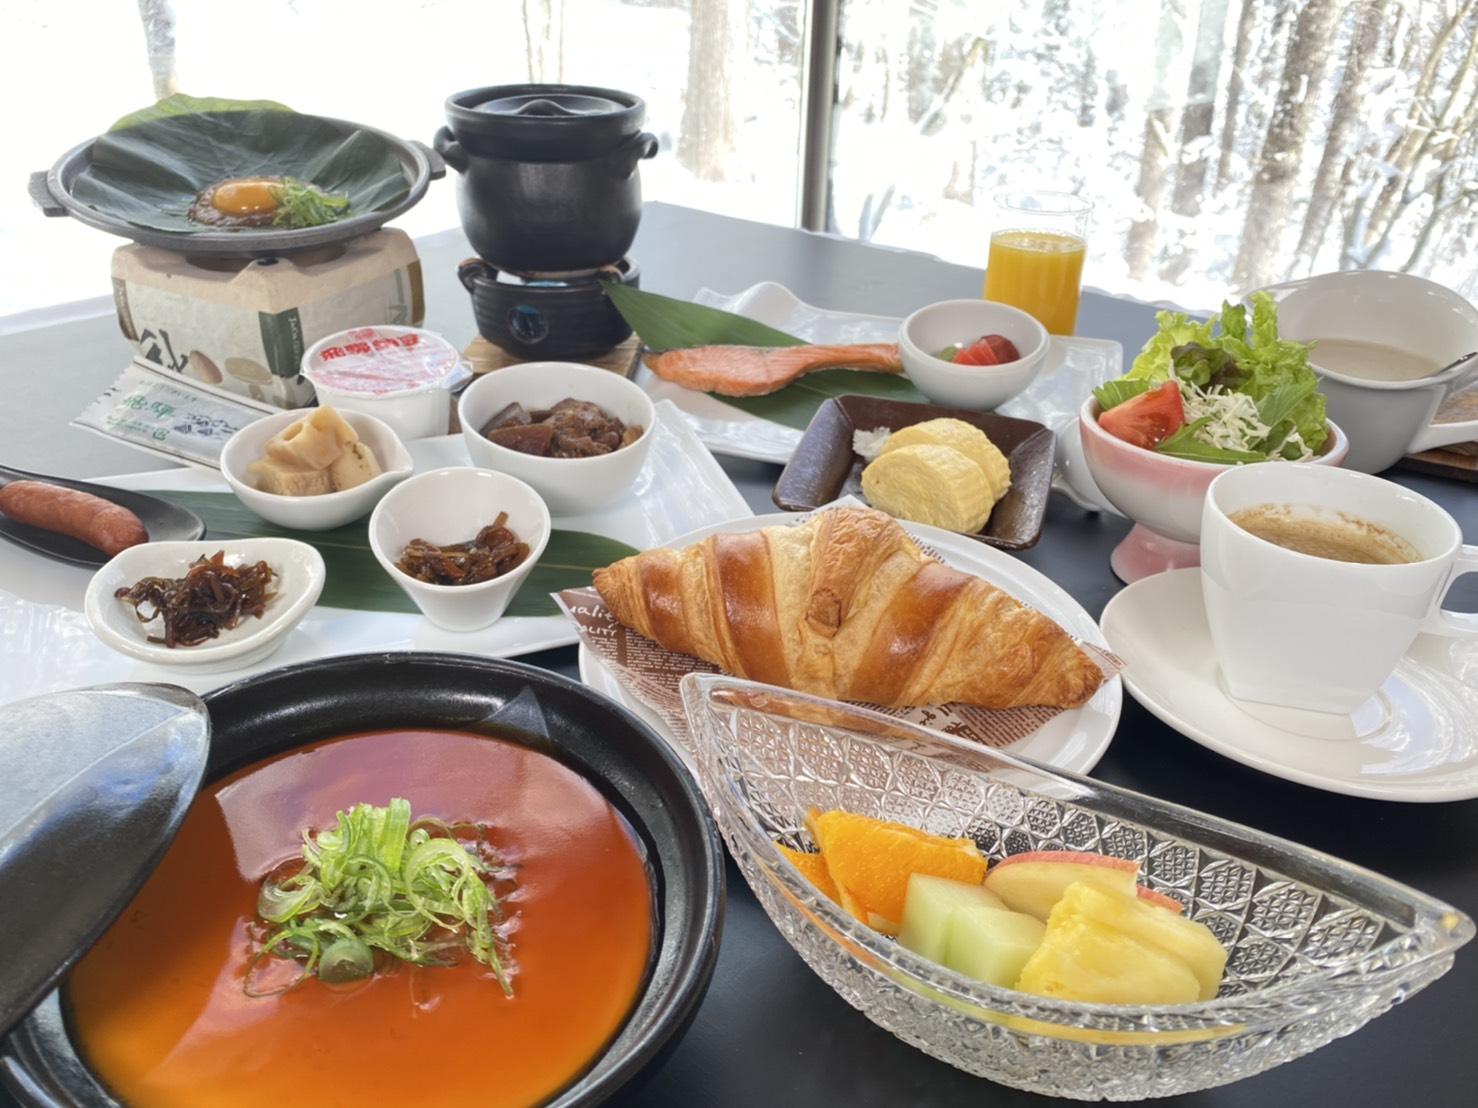 コロナウイルス感染予防〈当館でのお食事〉について